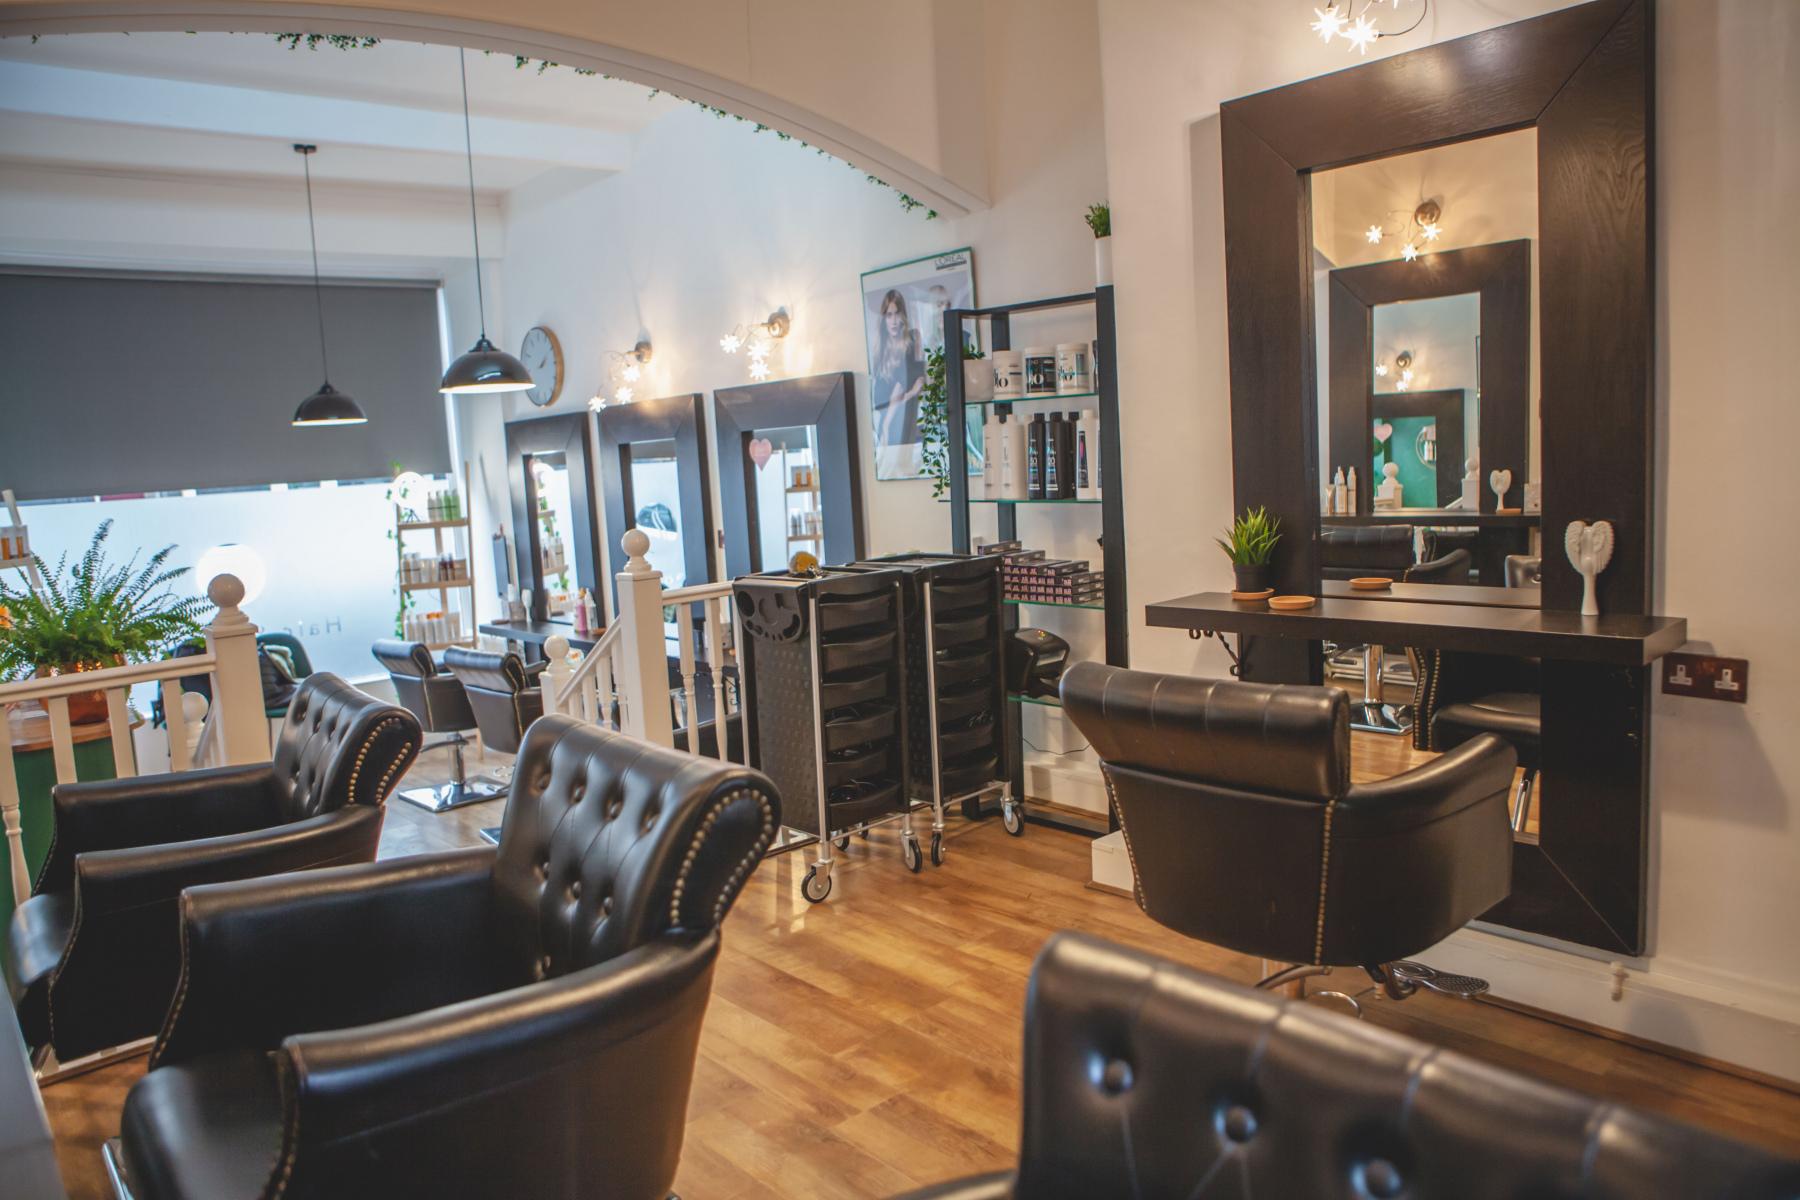 1_Sanctuary-upper-floor-sction-for-hair